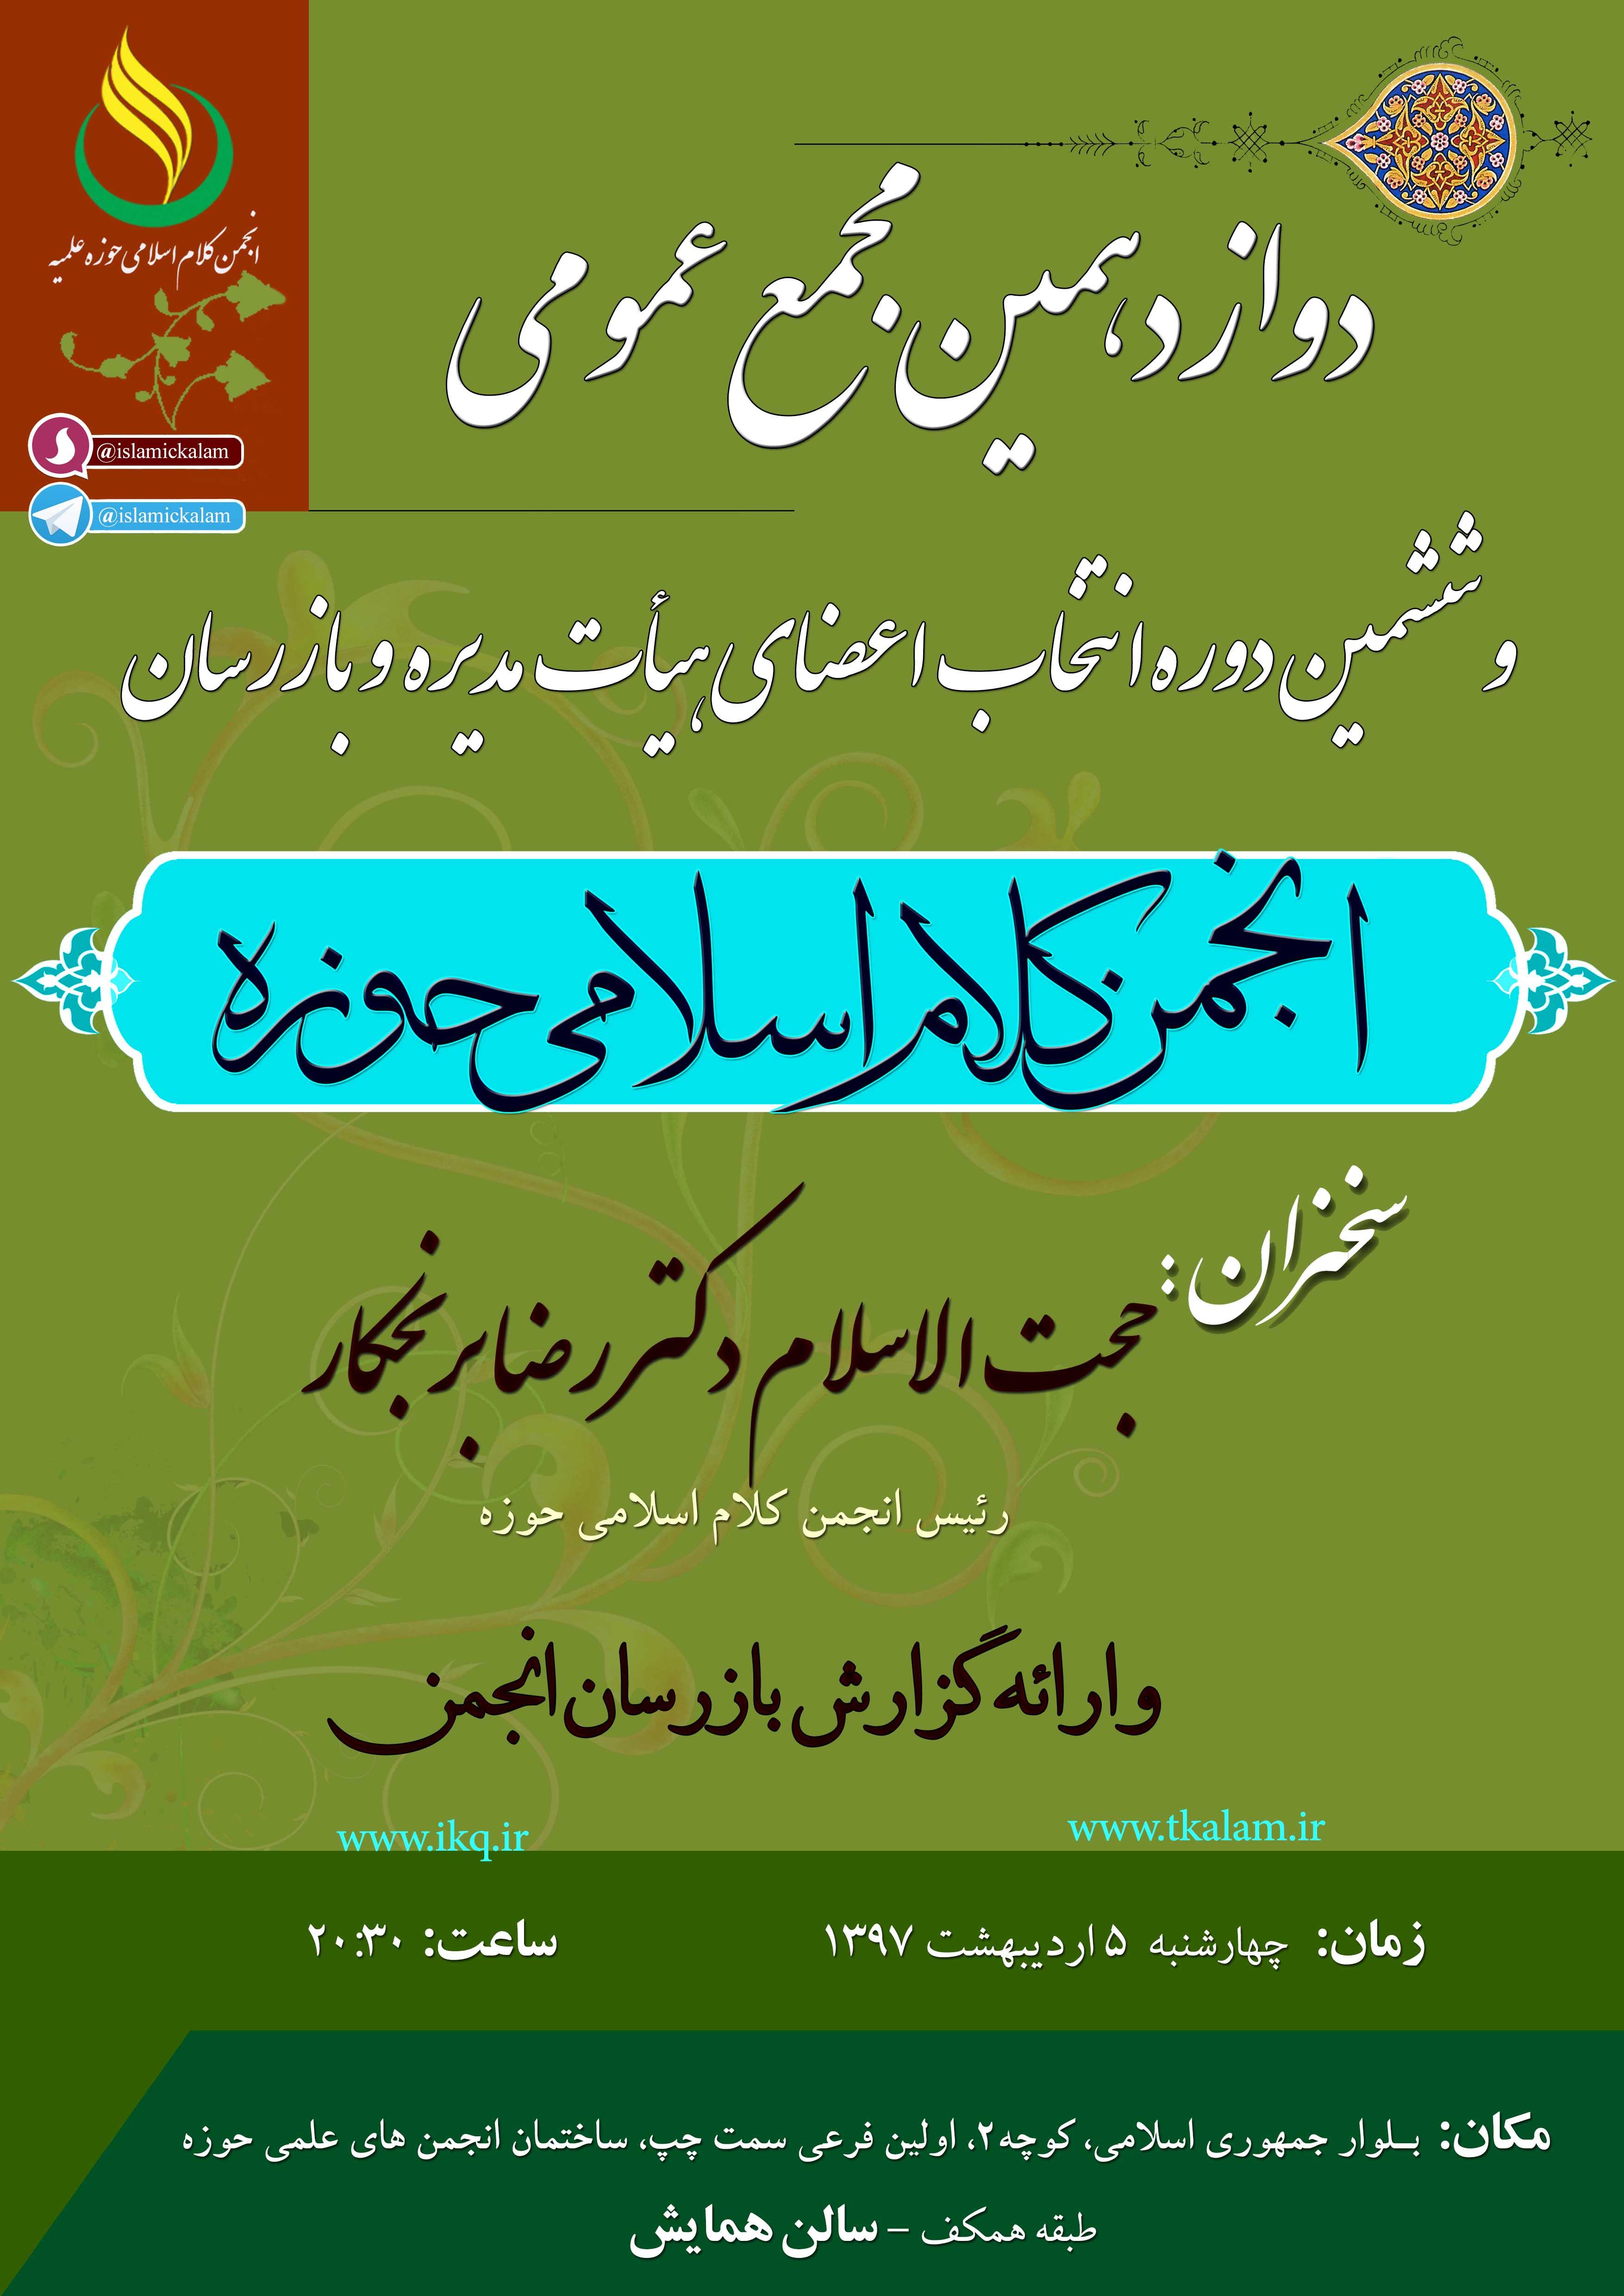 دوازدهـمین مـجمع عـمومی انجمن کلام اسلامی